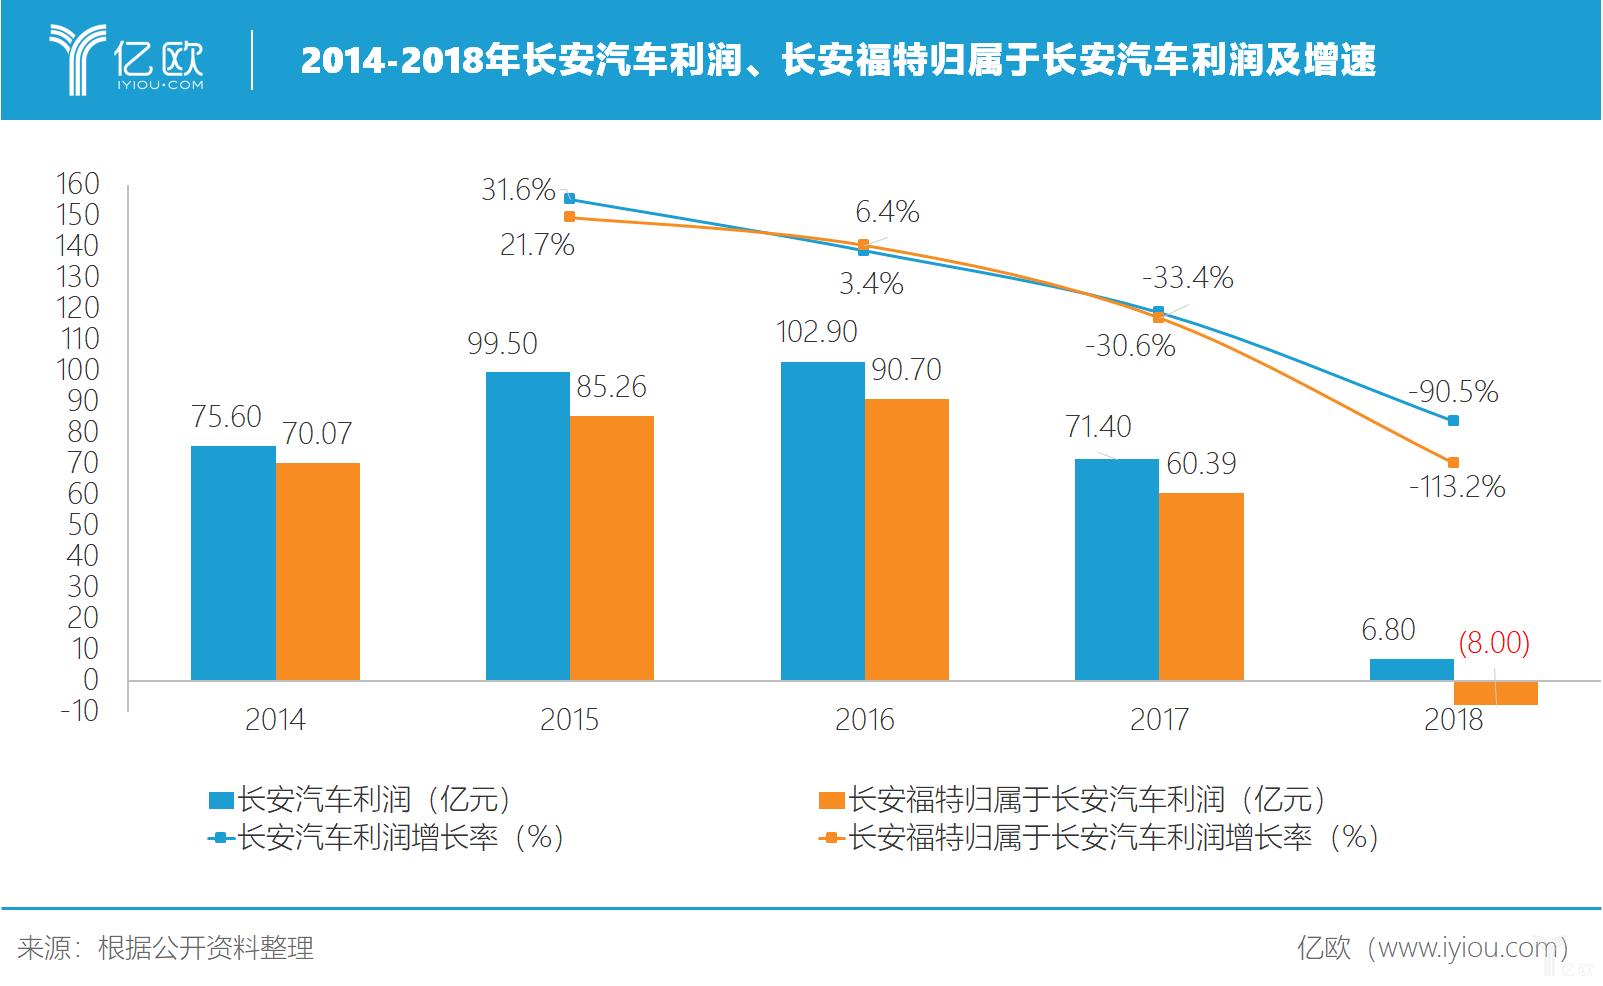 2014-2018年长安汽车收好及长安福特归属于长安汽车的收好及增速